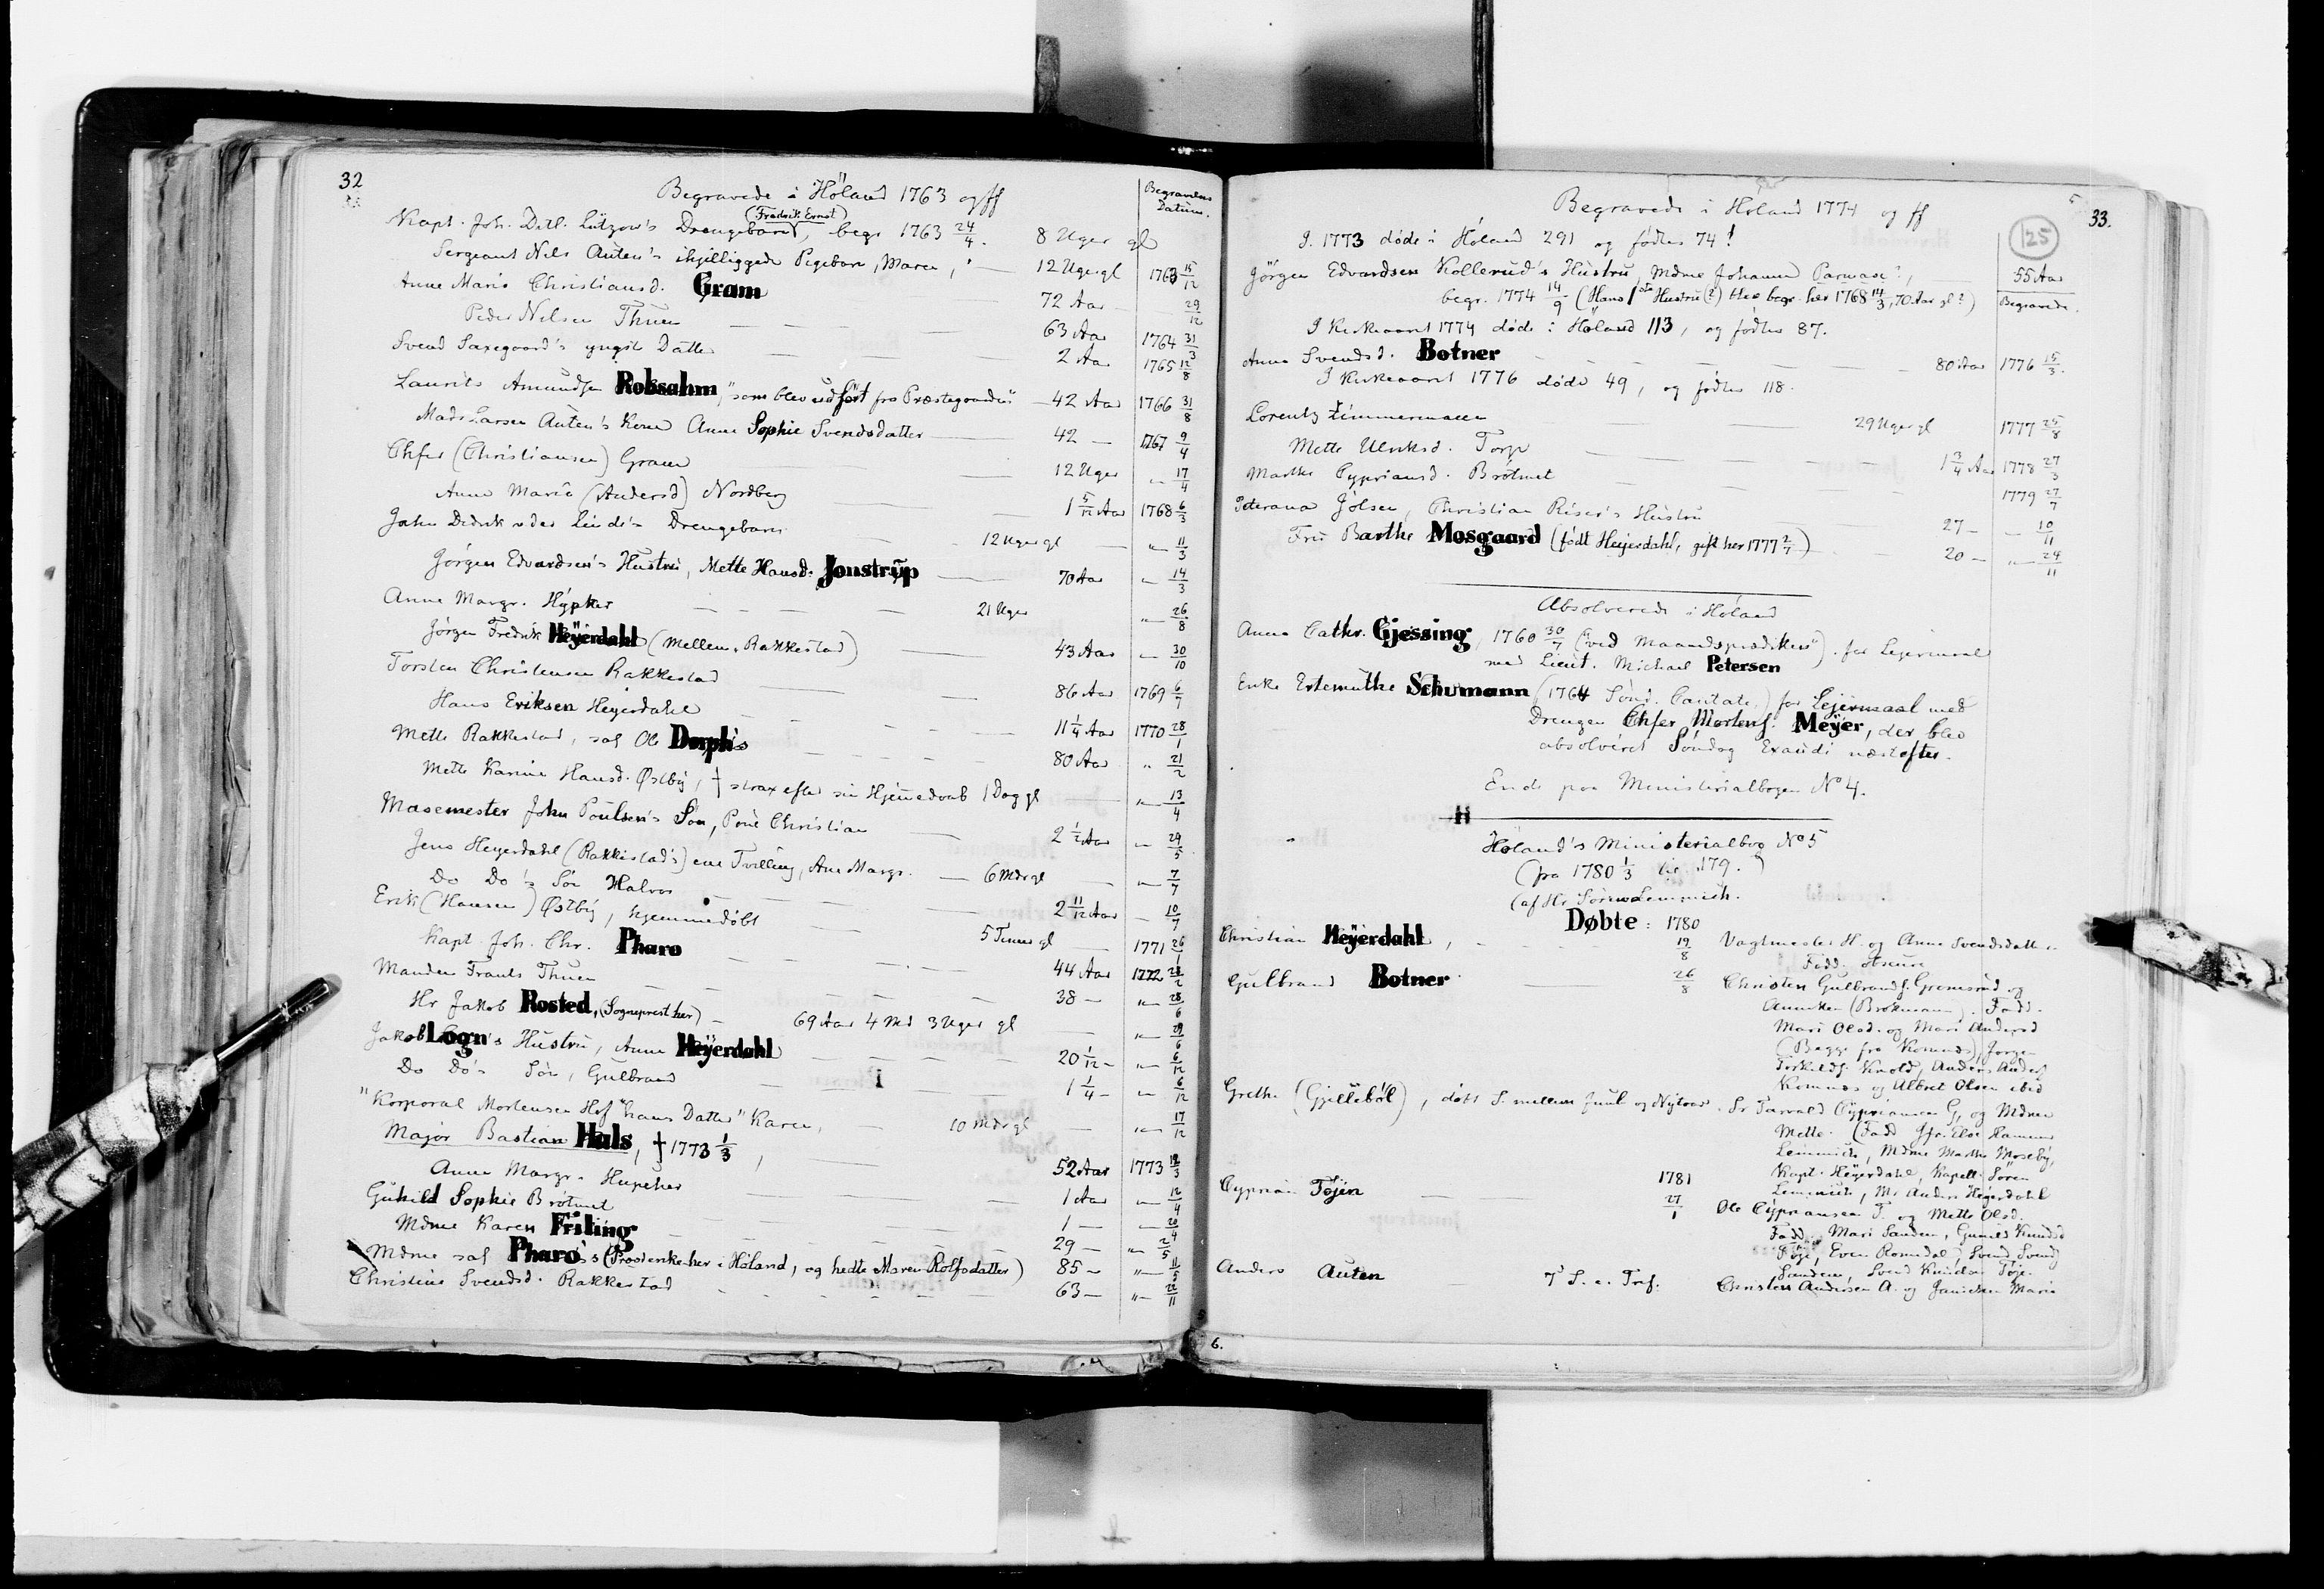 RA, Lassens samlinger, F/Fc, s. 125